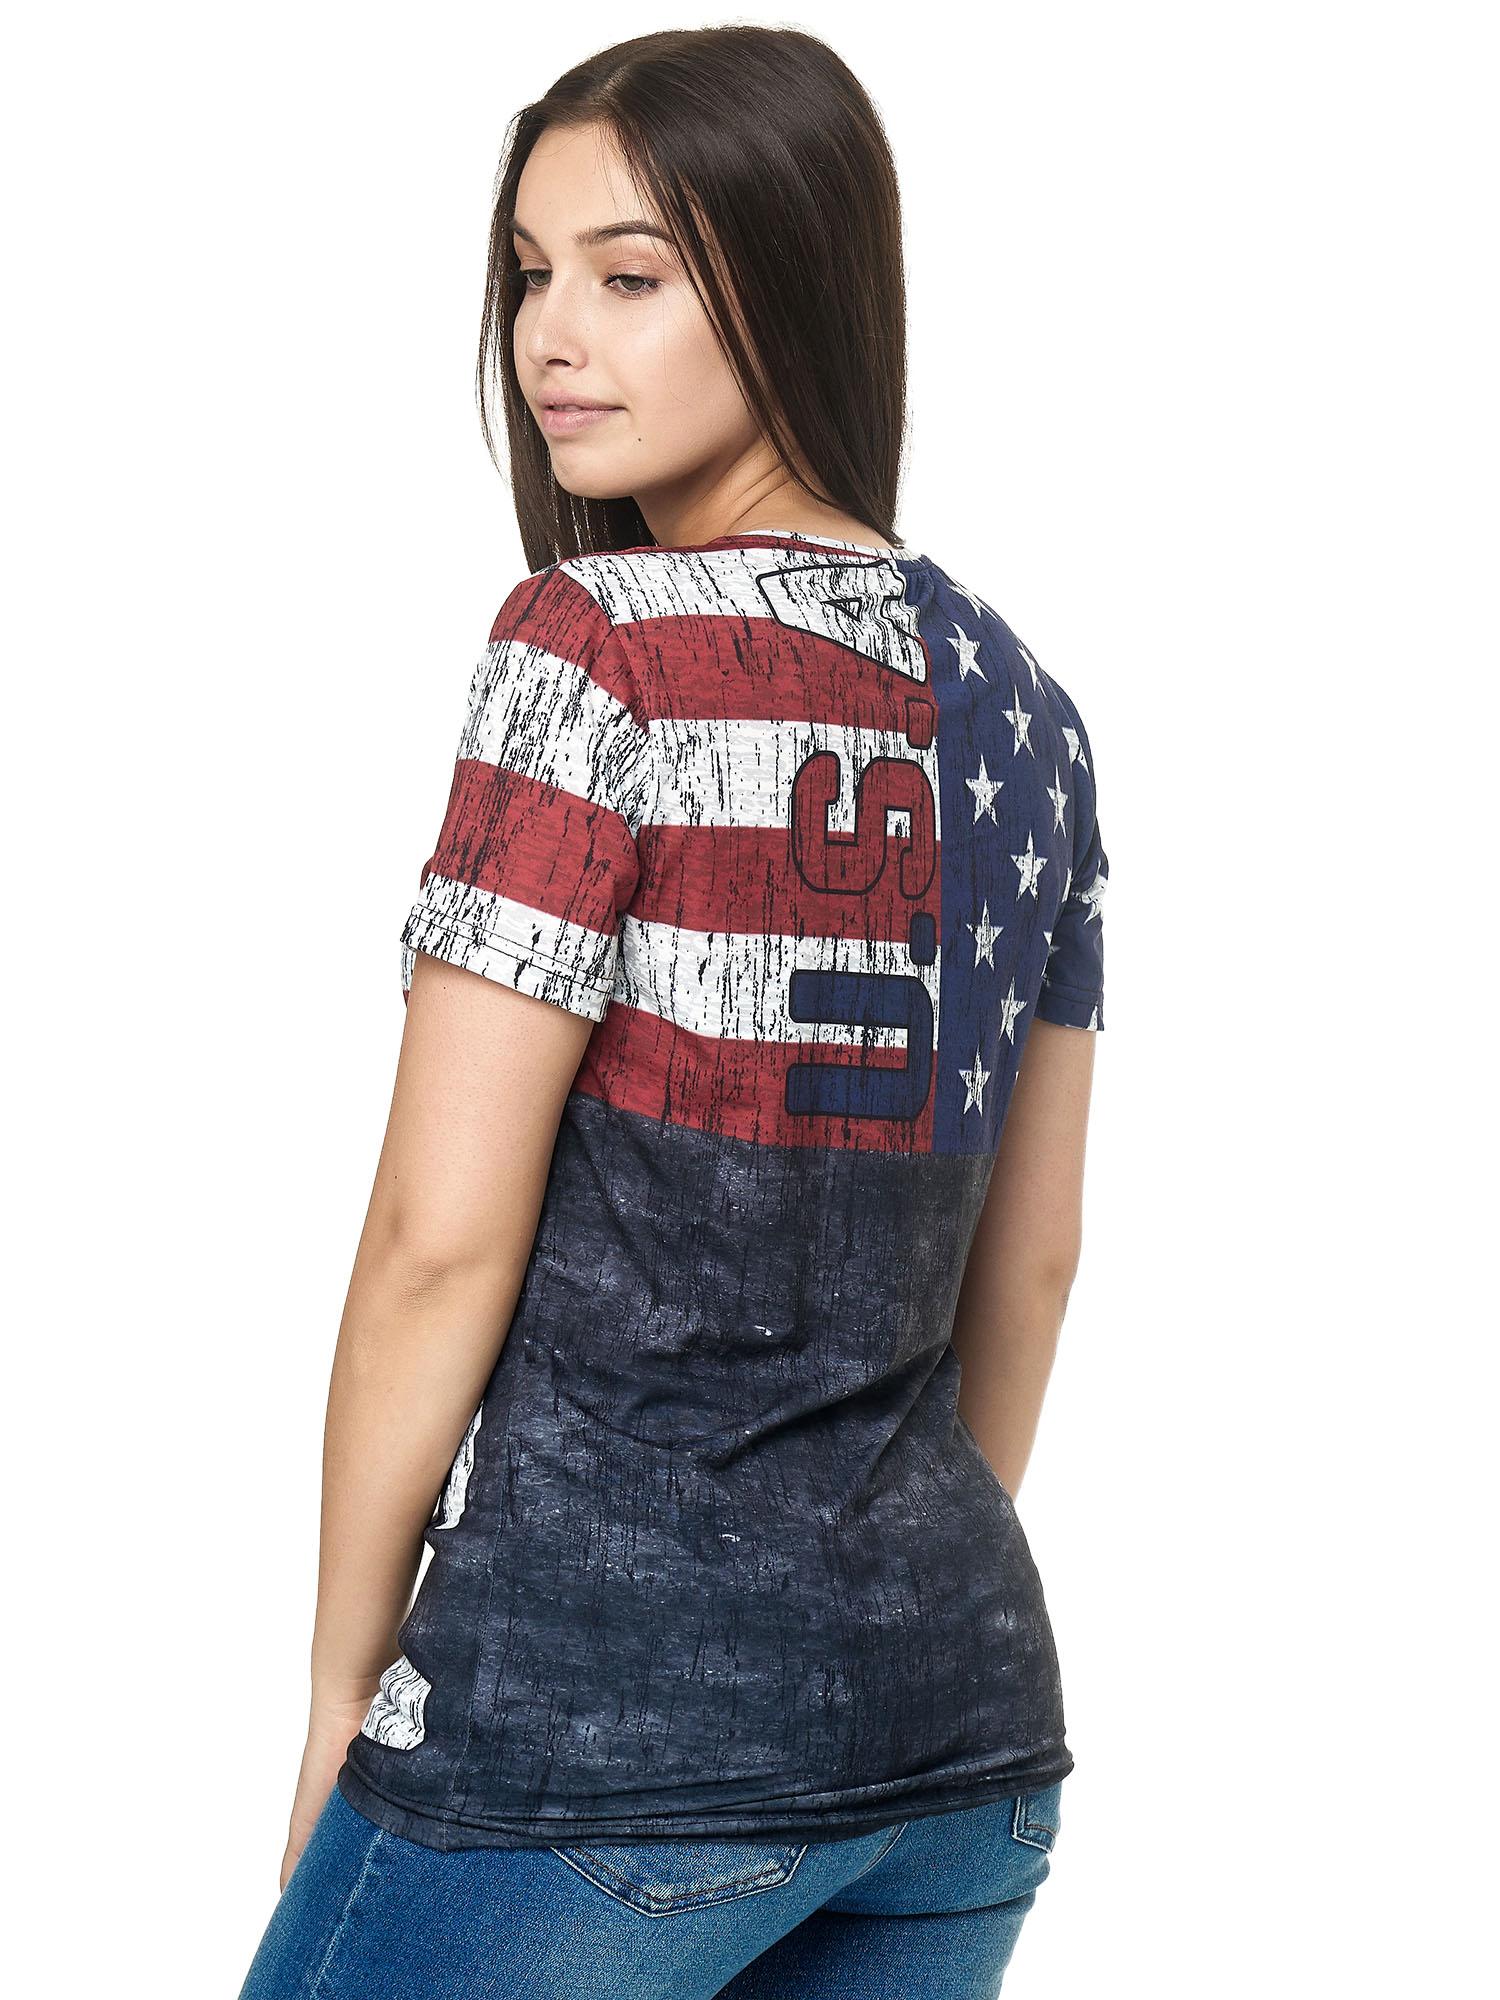 Paesi-da-Donna-T-shirt-A-Maniche-Corte-Girocollo-donne-CALCIO-Fanshirt-John-Kayna miniatura 15